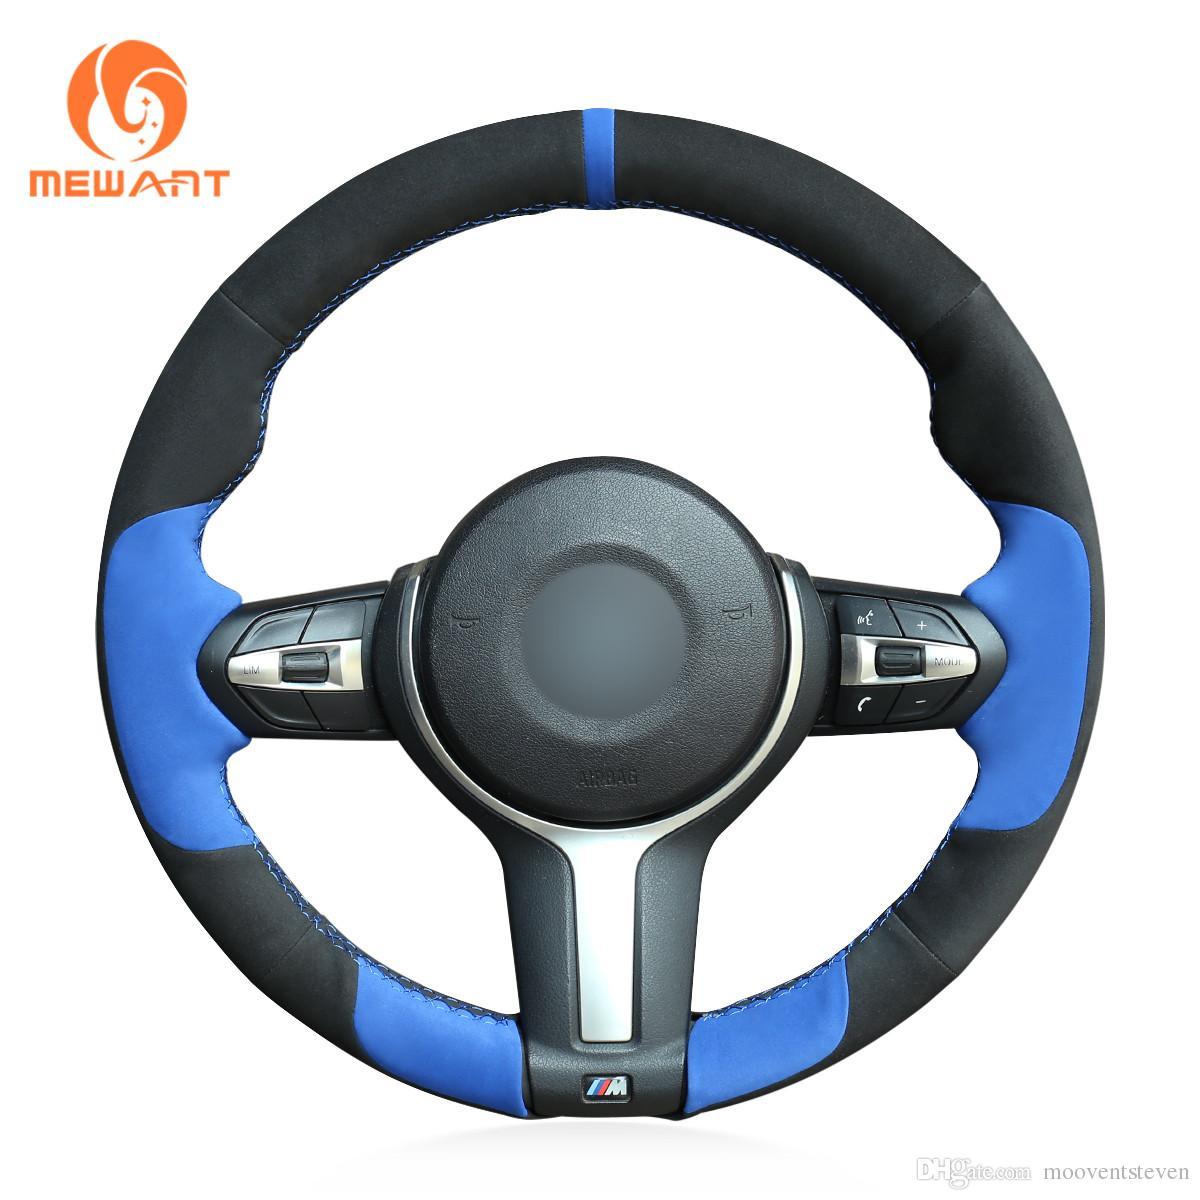 MEWANT Black Blue Suede Hand Sewn Car Steering Wheel Cover for BMW F87 M2 F80 M3 F82 M4 M5 F12 F13 M6 F85 X5 M F86 X6 M F33 F30 M